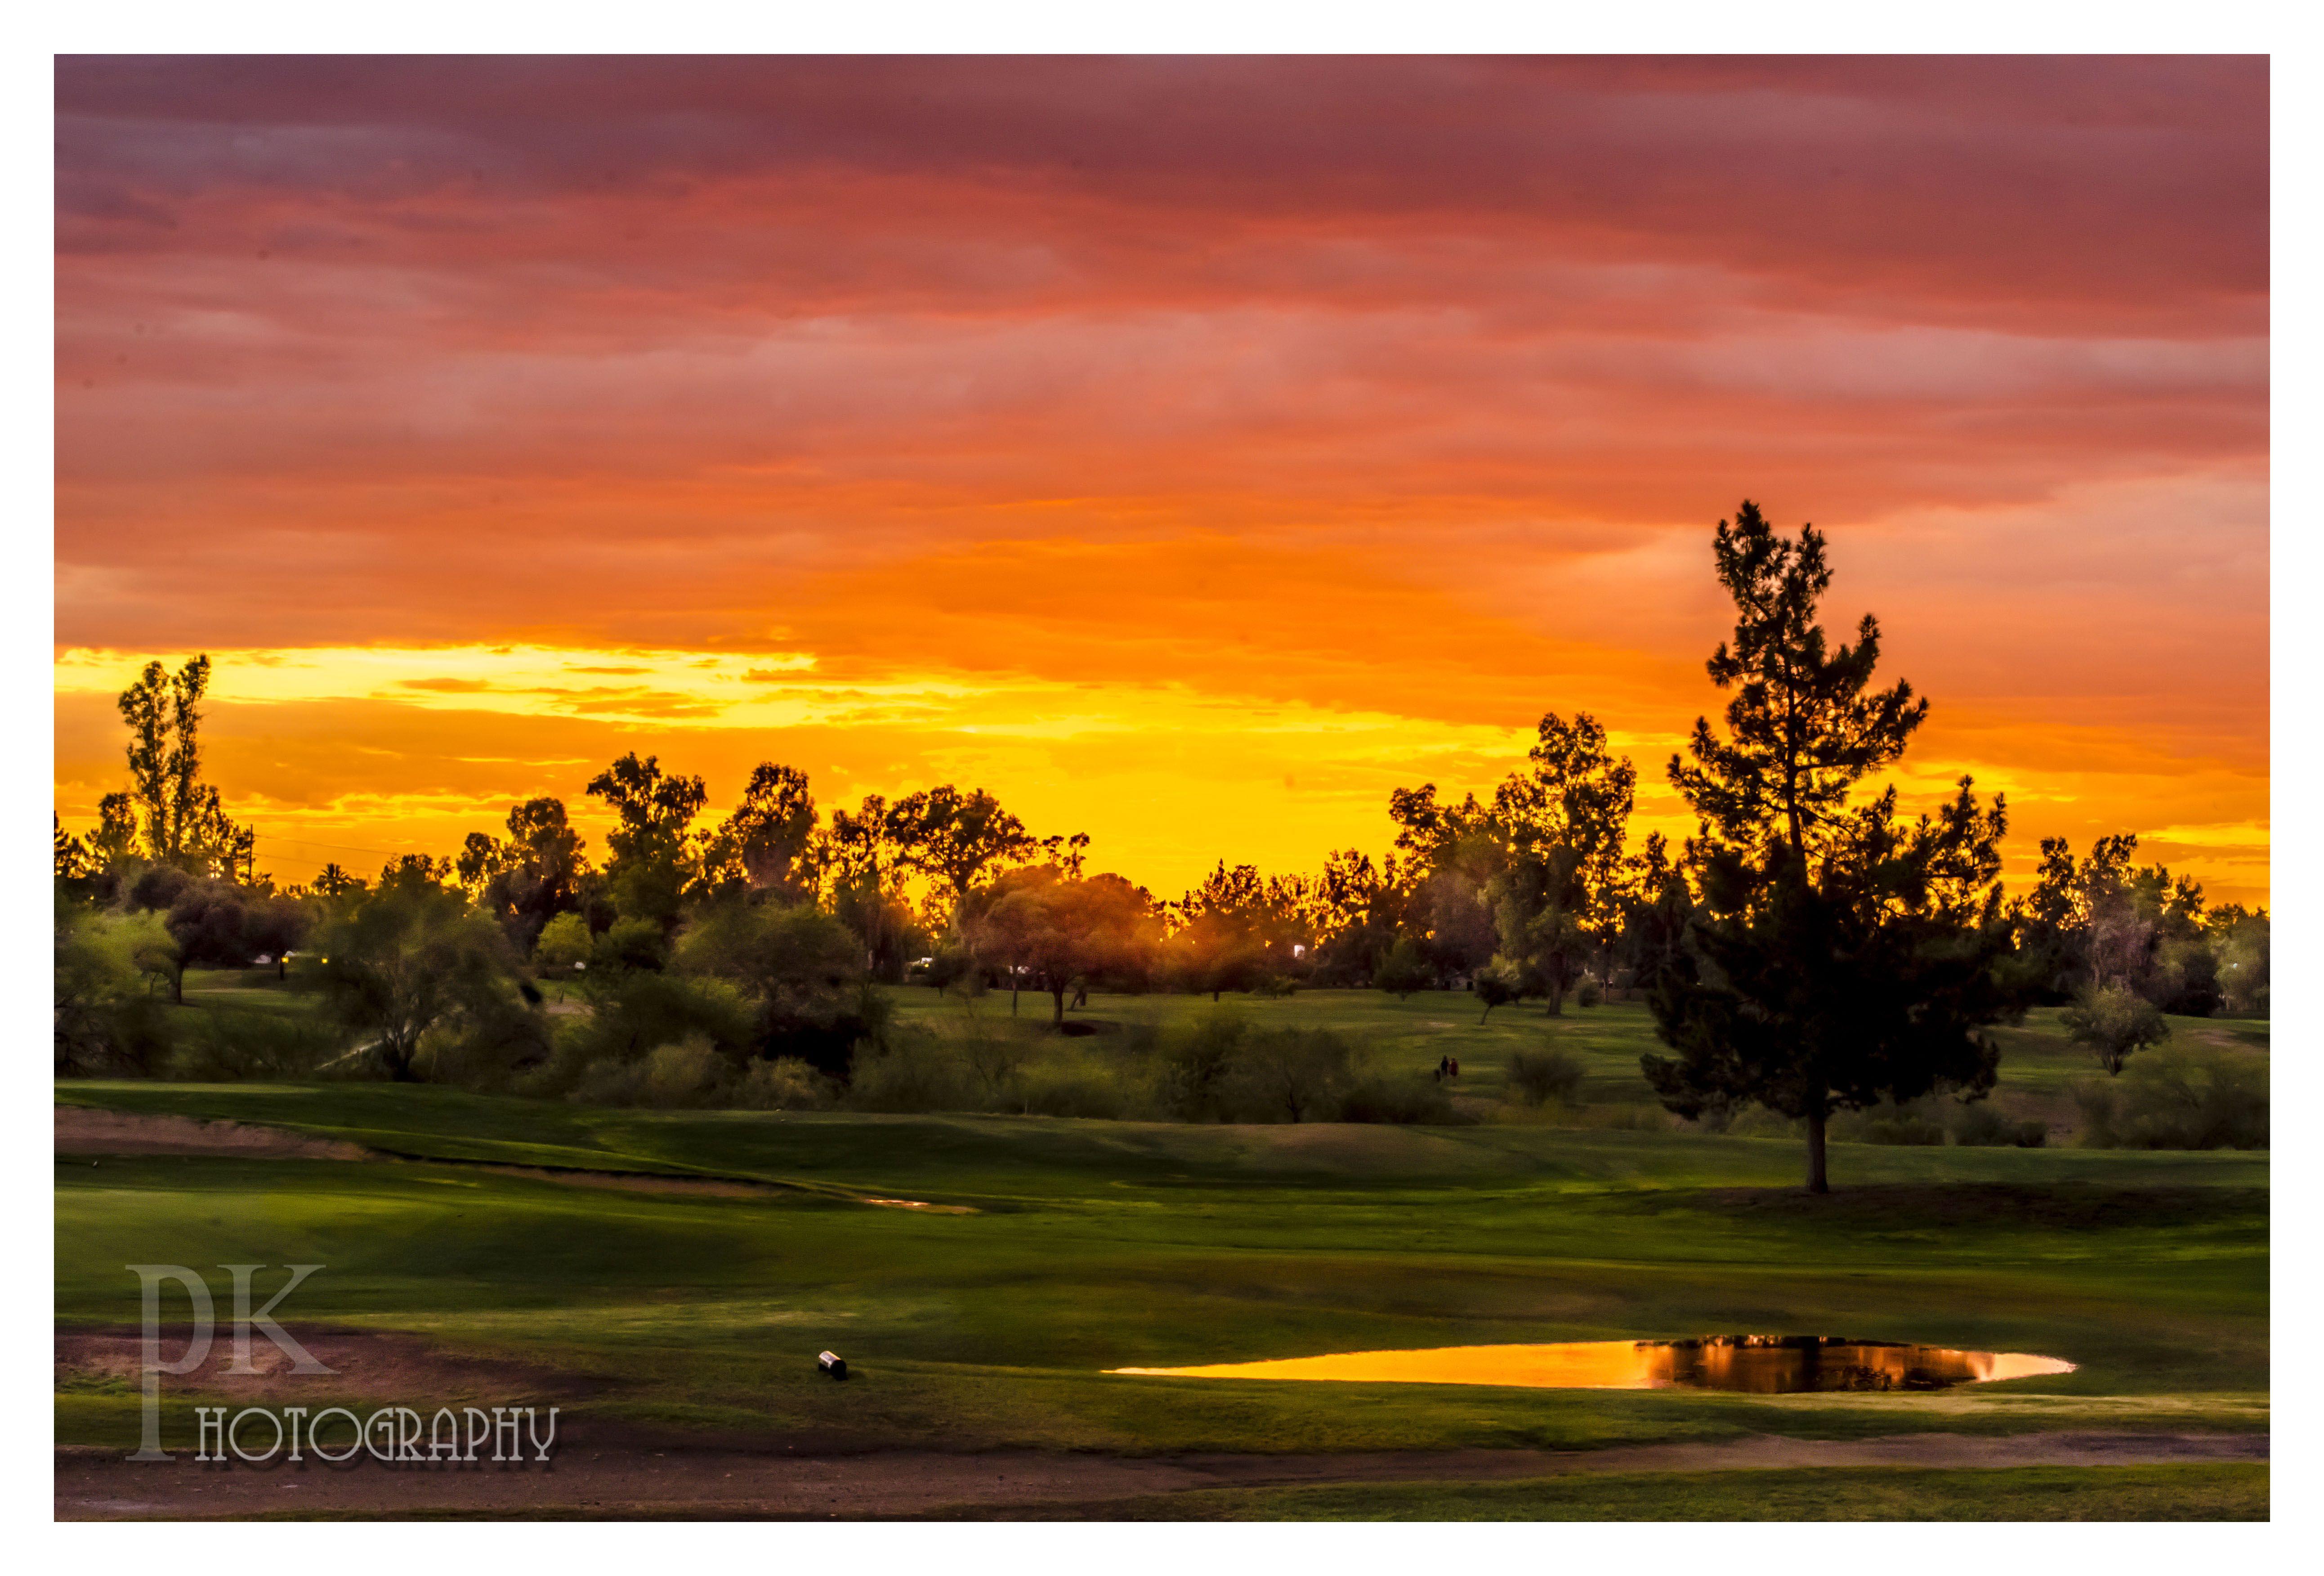 31+ Az sunset golf info